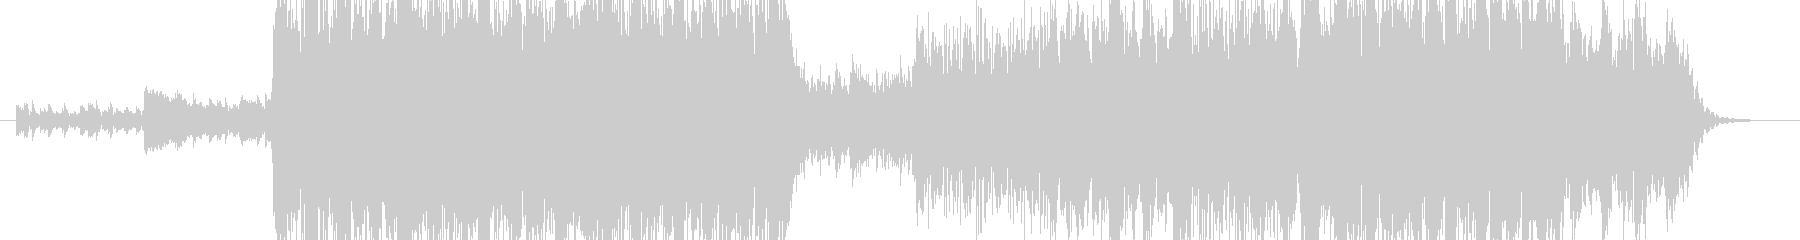 スタイリッシュなドラムンベースの未再生の波形